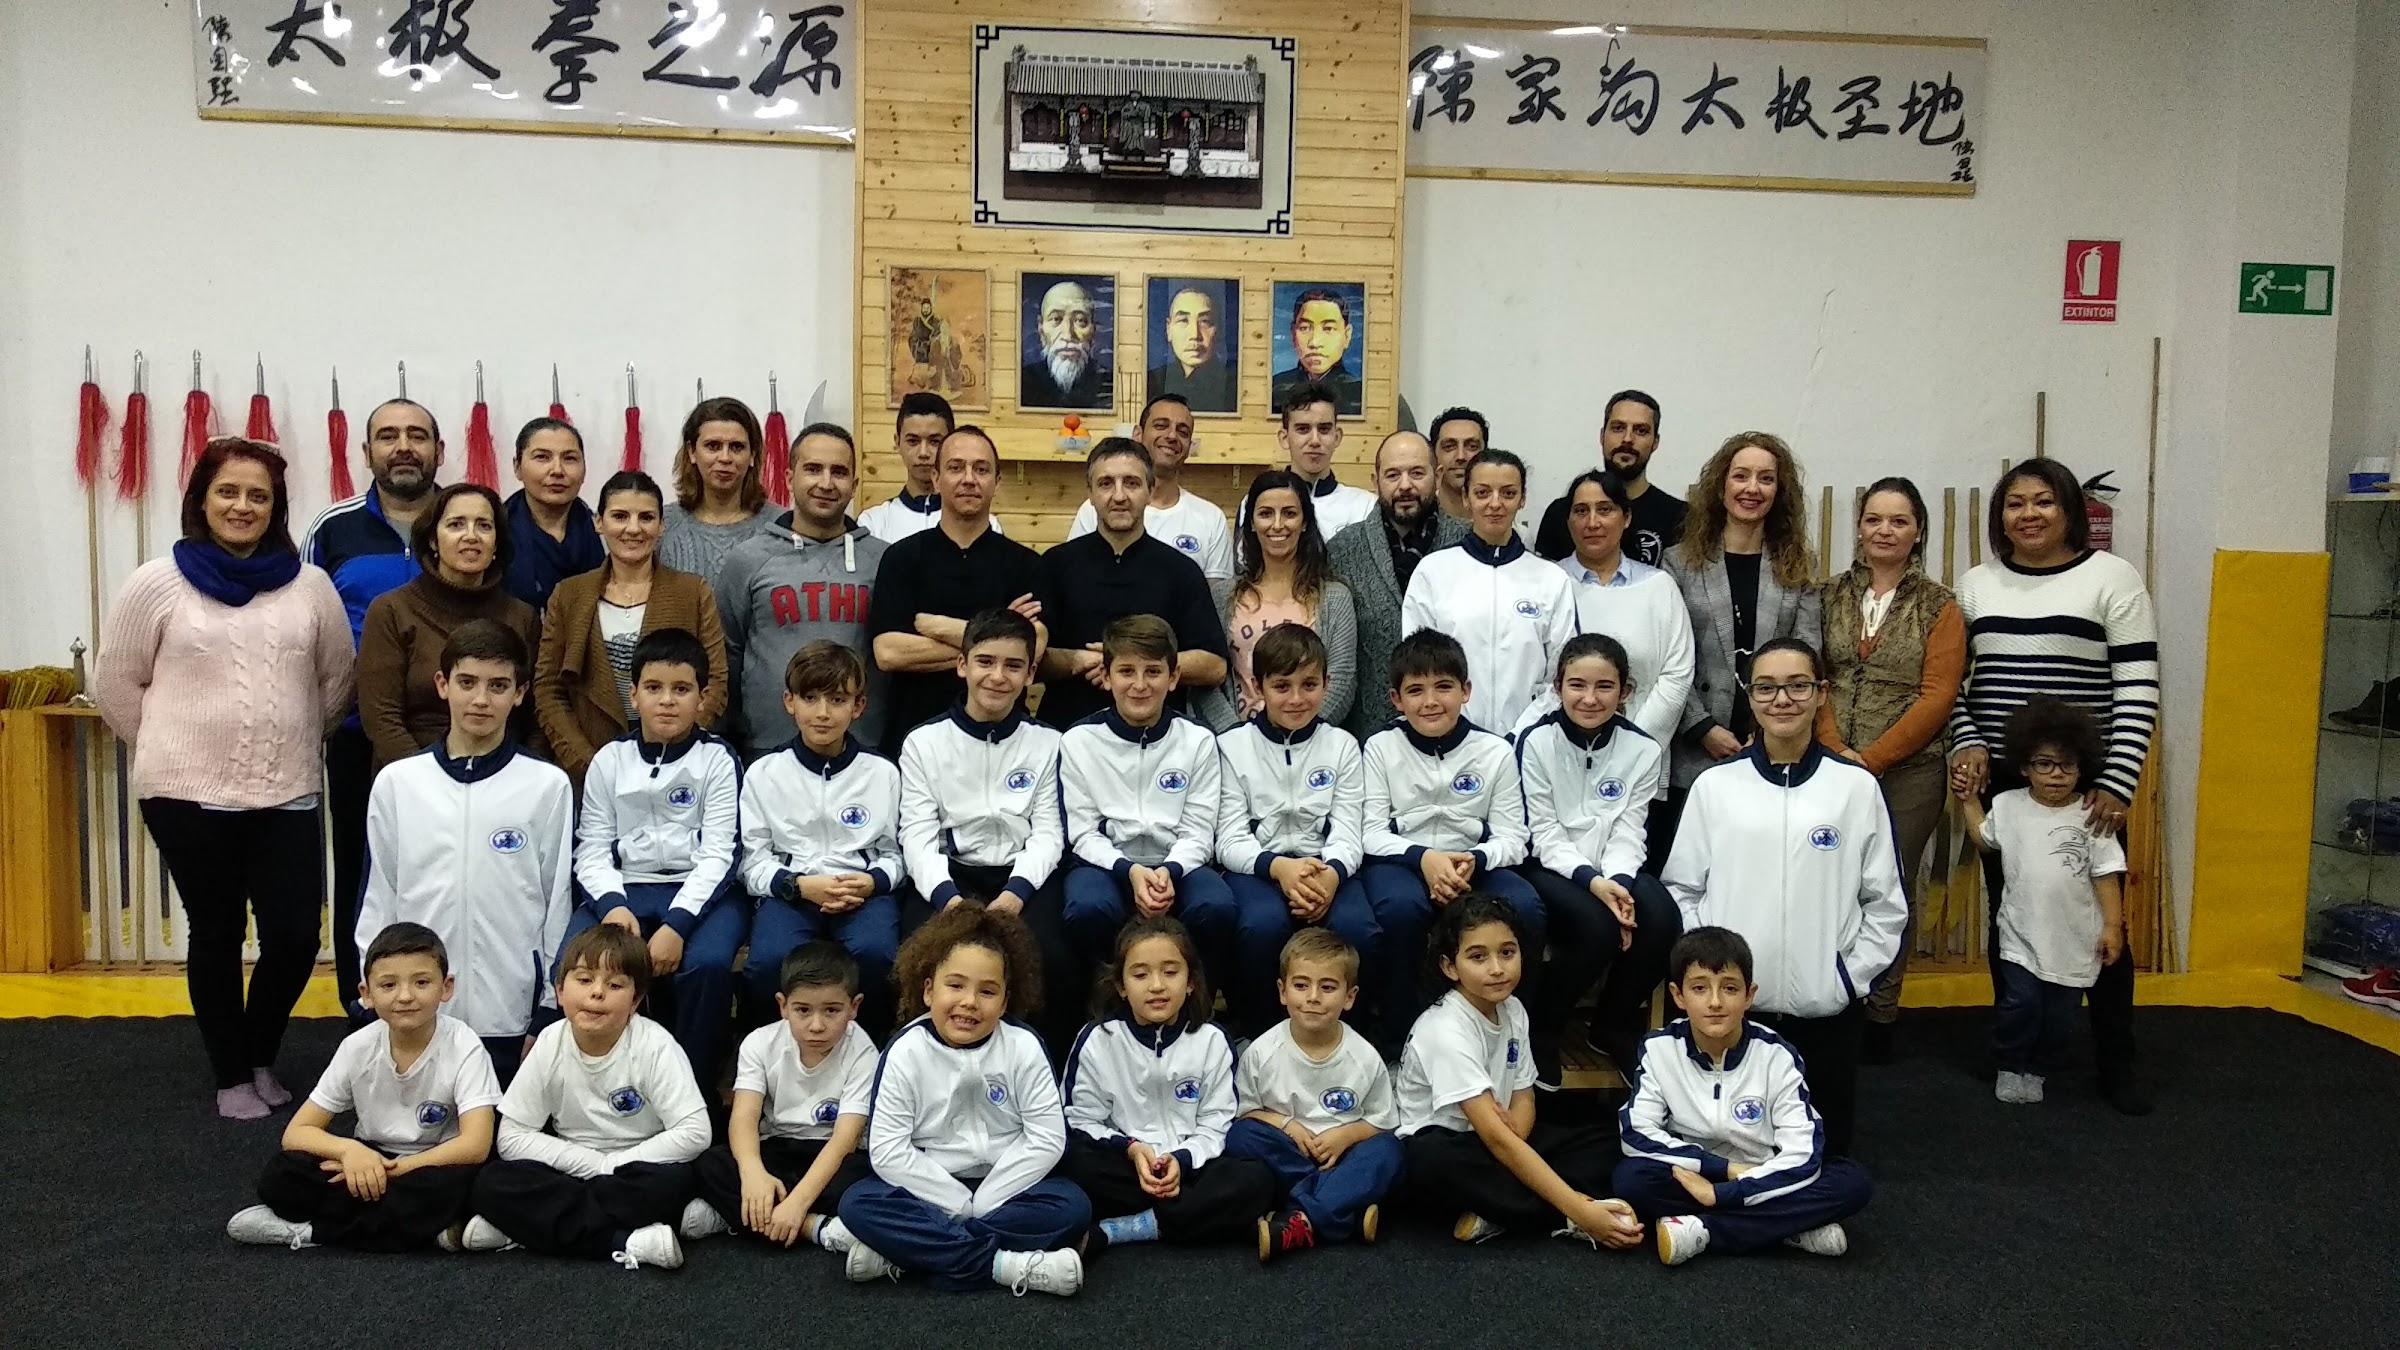 La escuela Chen Shi Taiji Spain de Algeciras participará en el VI Campeonato de Wushu